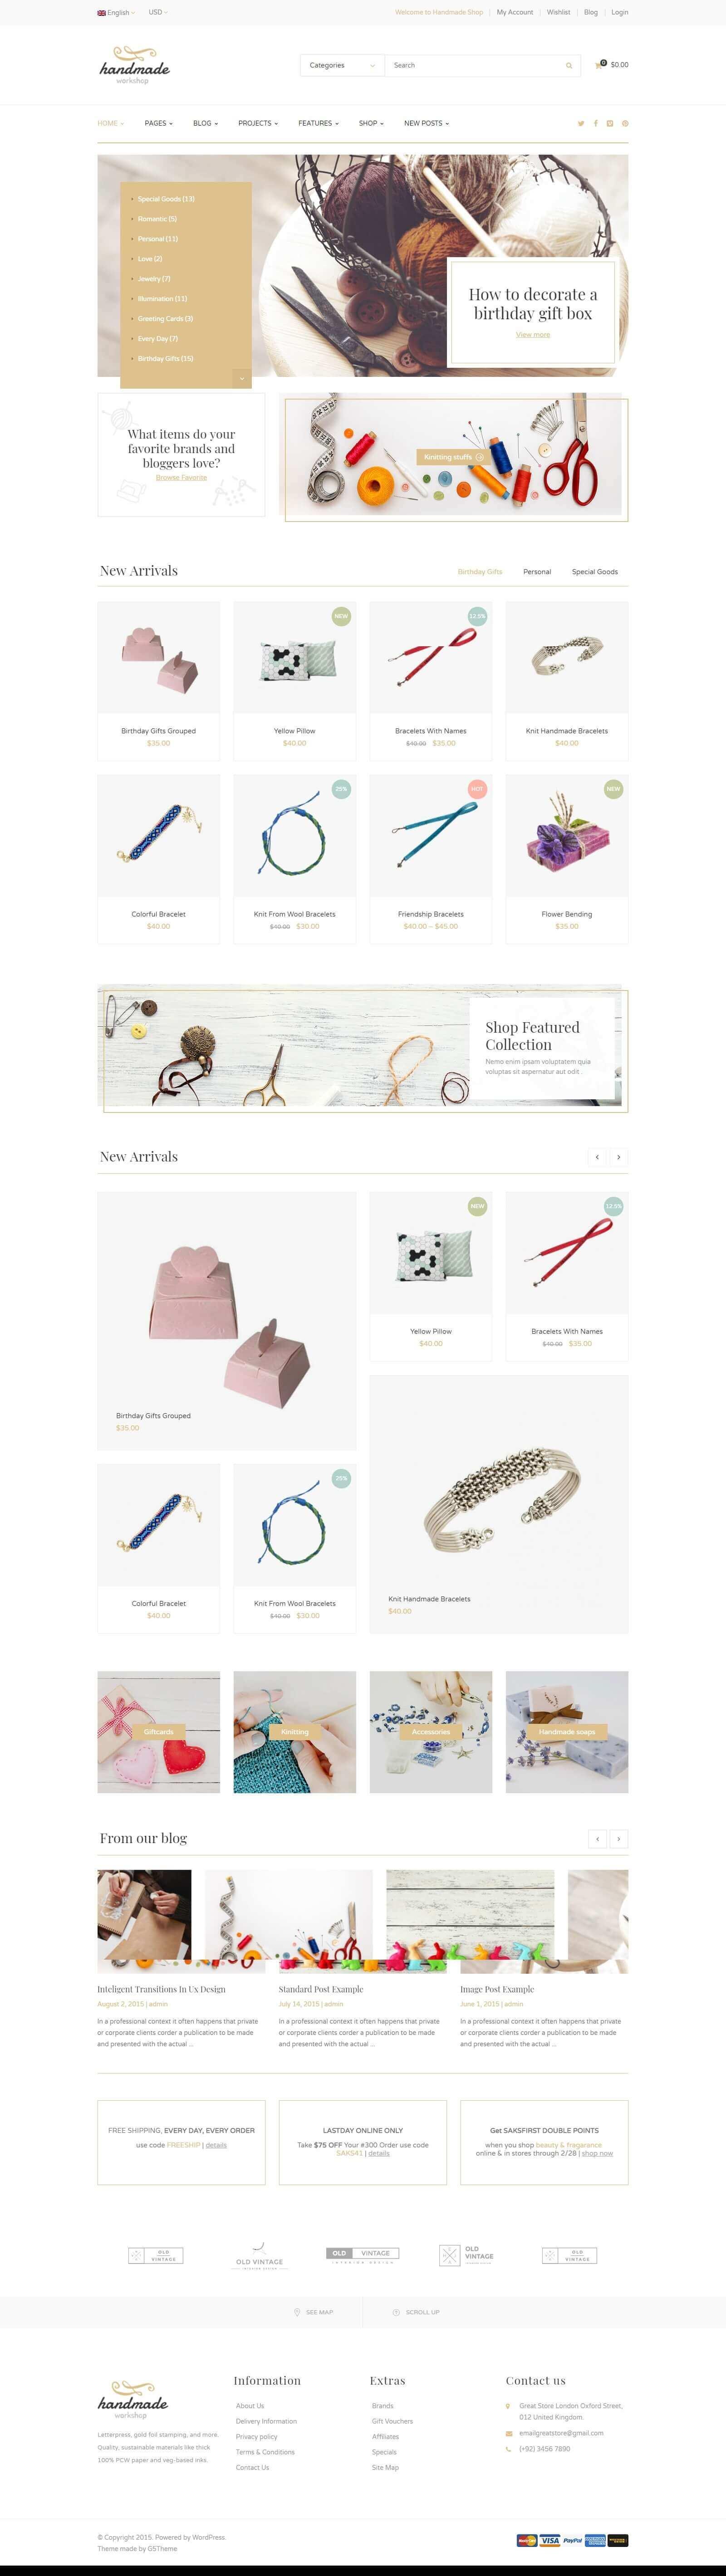 Mẫu website bán hàng handmade chuyên nghiệp, ấn tượng